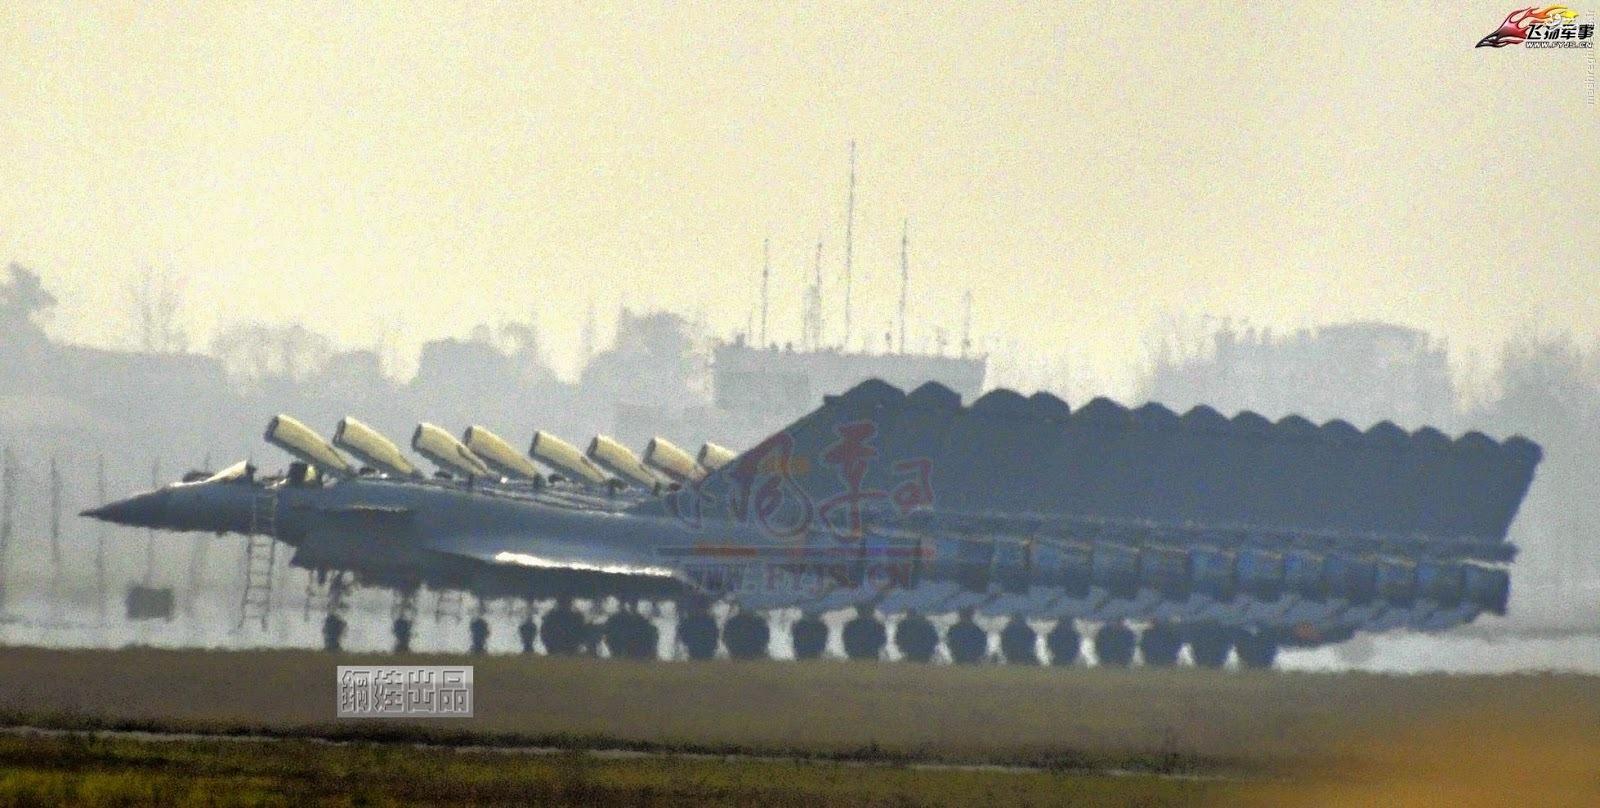 عکس/ آغاز تولید جنگنده J-10B